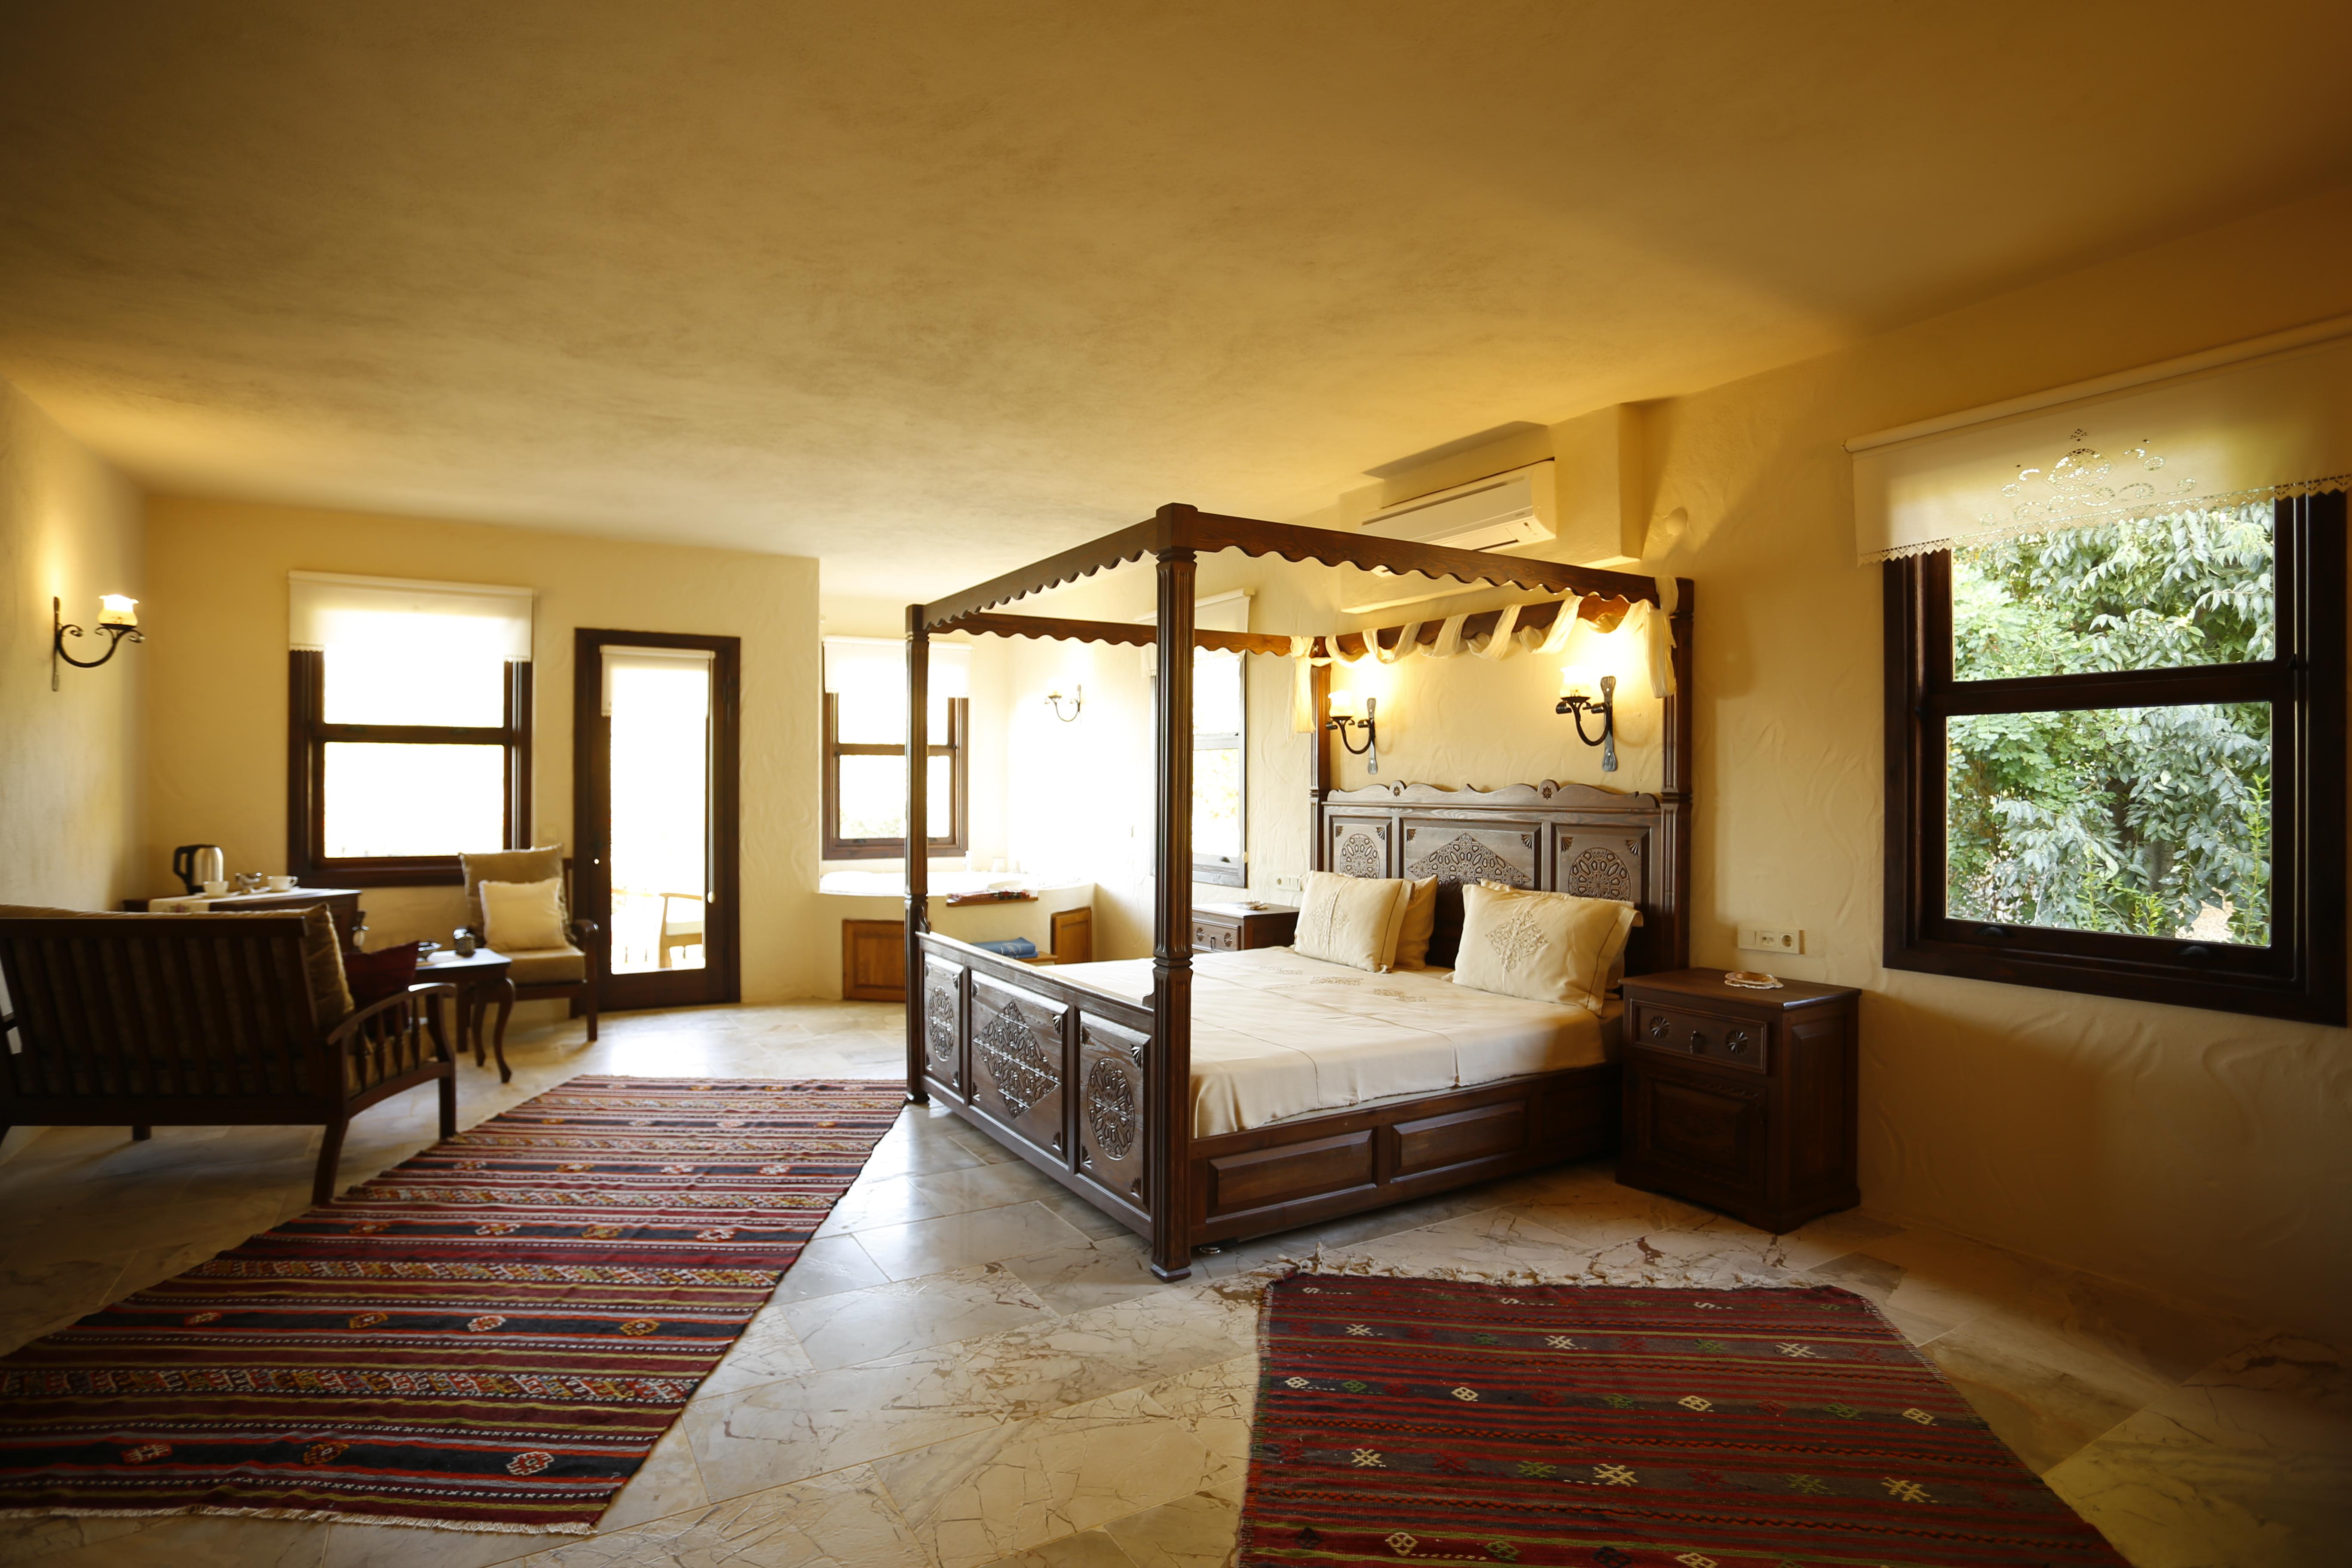 Appartement de vacances Luxurise Unterkunft und persnliches Ambiente in unzerstrter Natur (2124814), Fethiye, , Région Egéenne, Turquie, image 10